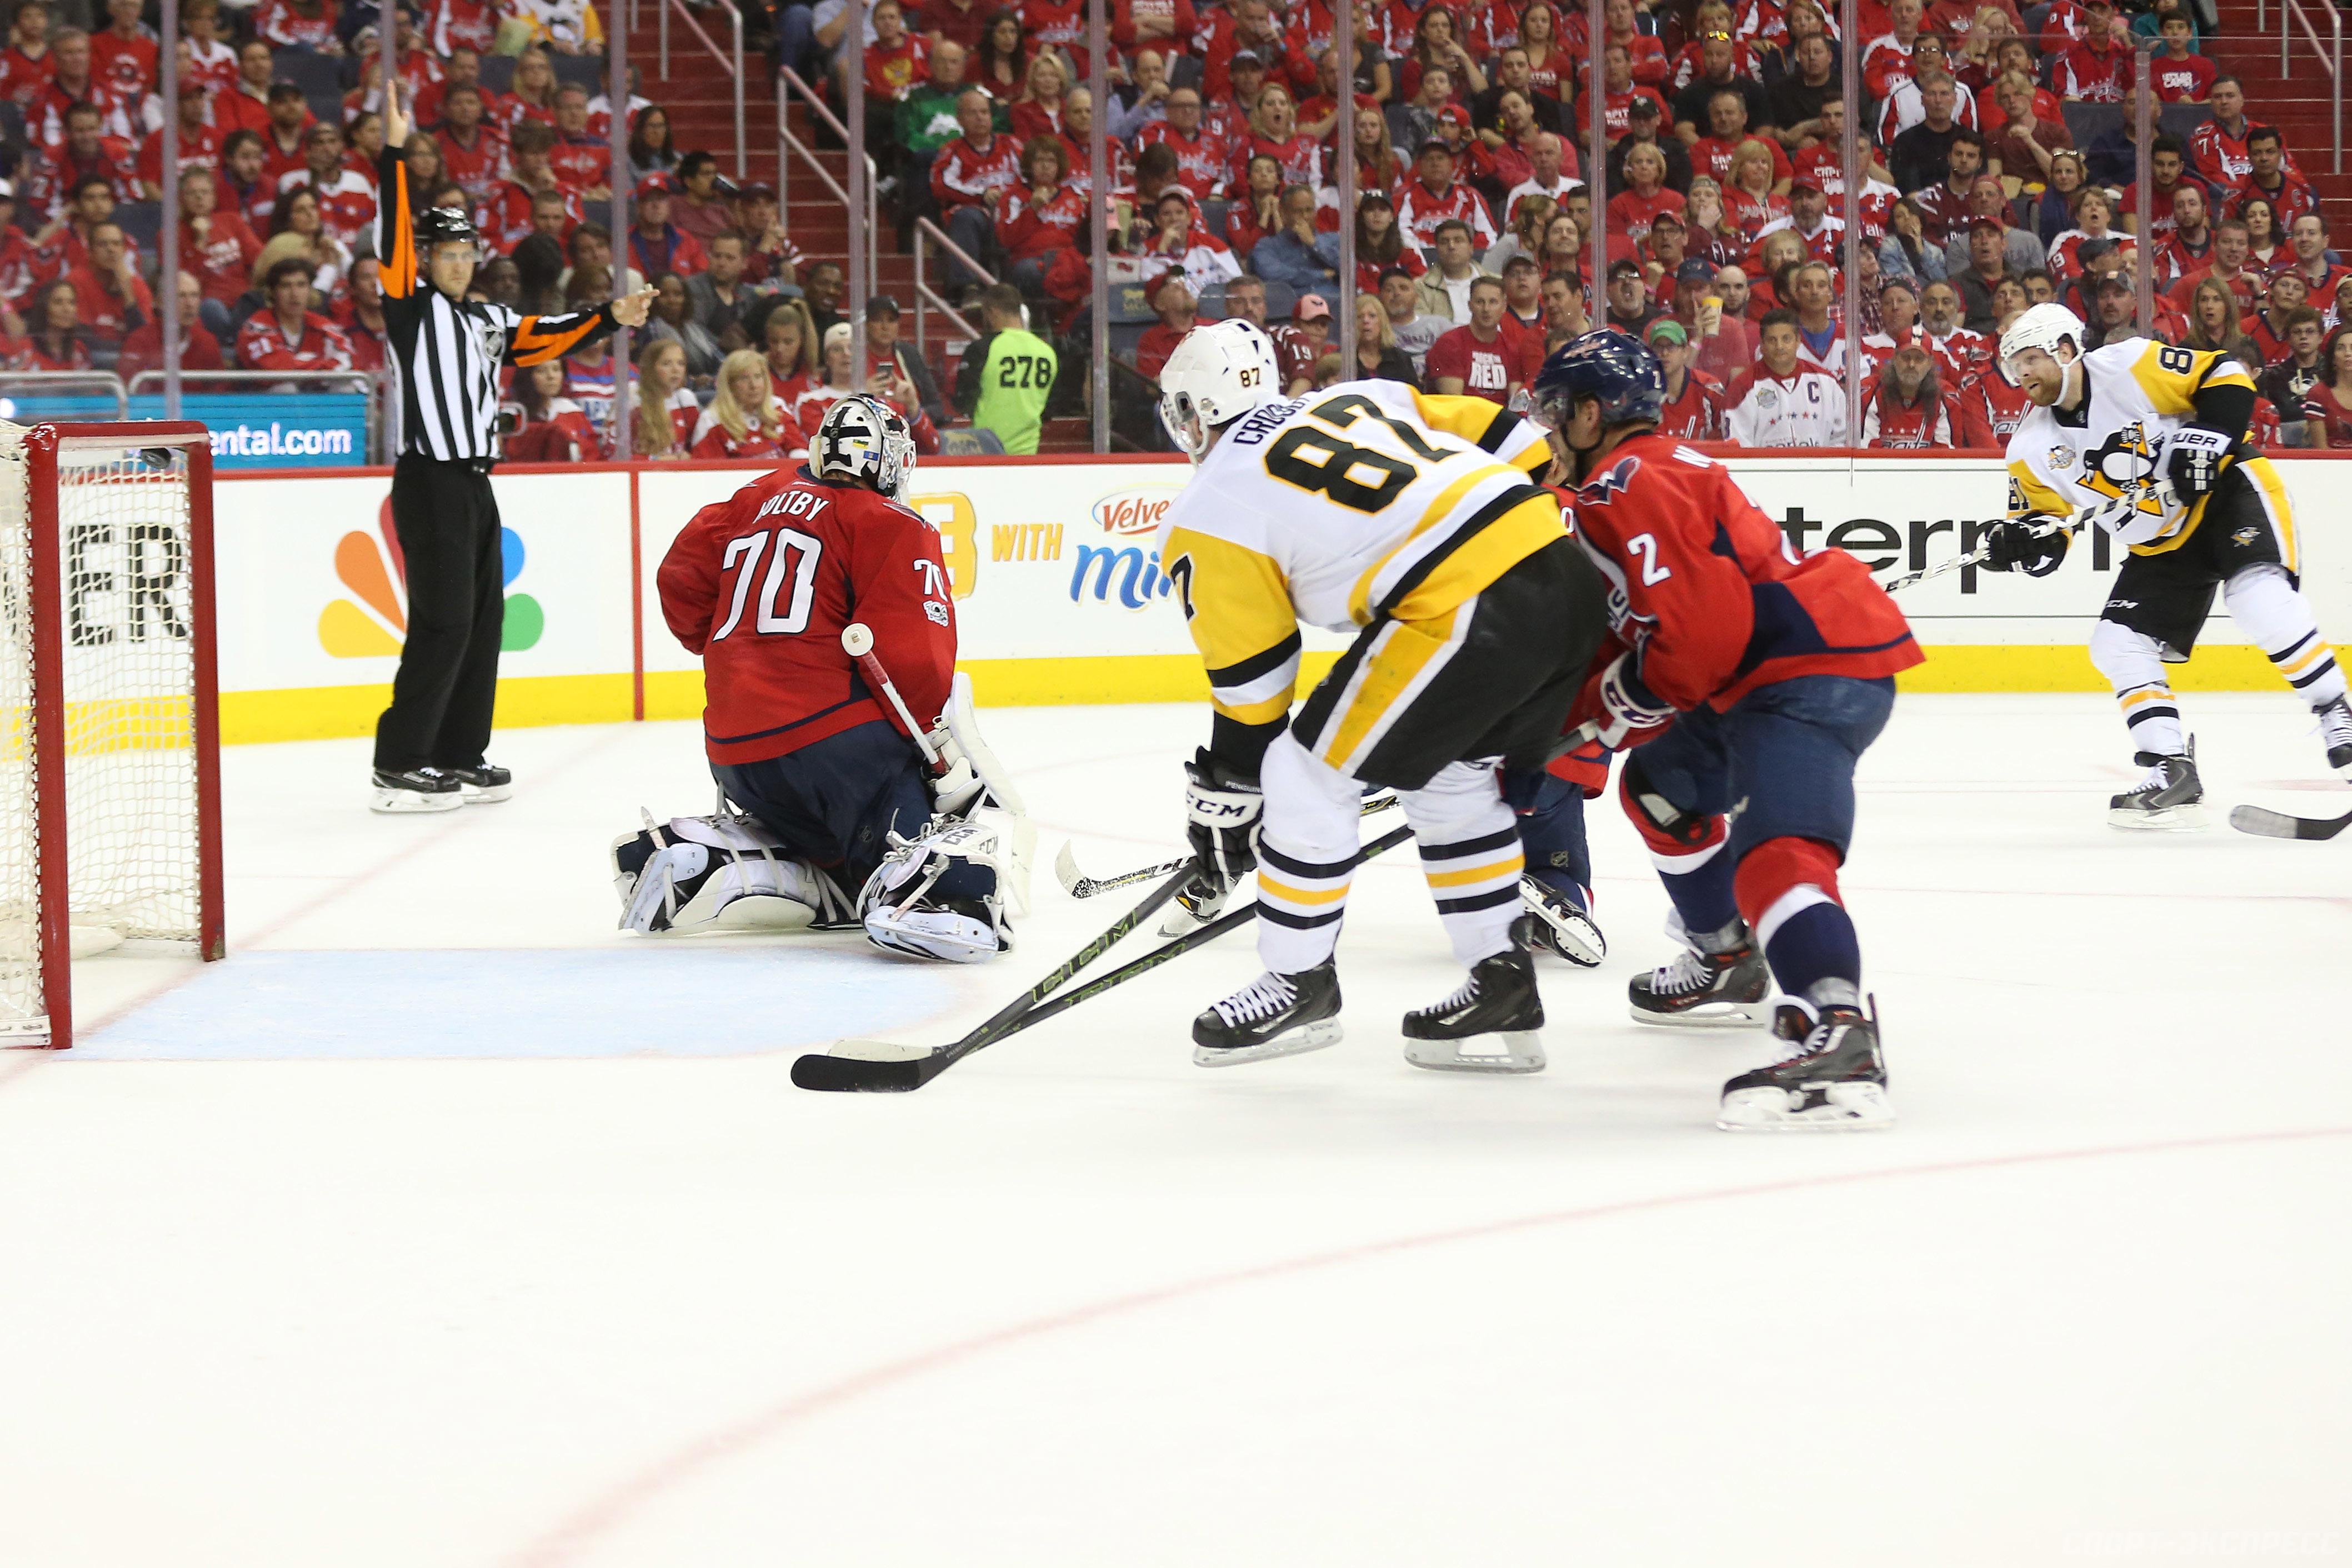 Сможет ли Питтсбург обыграть Вашингтон На что делать ставки на НХЛ 1 Мая 2018